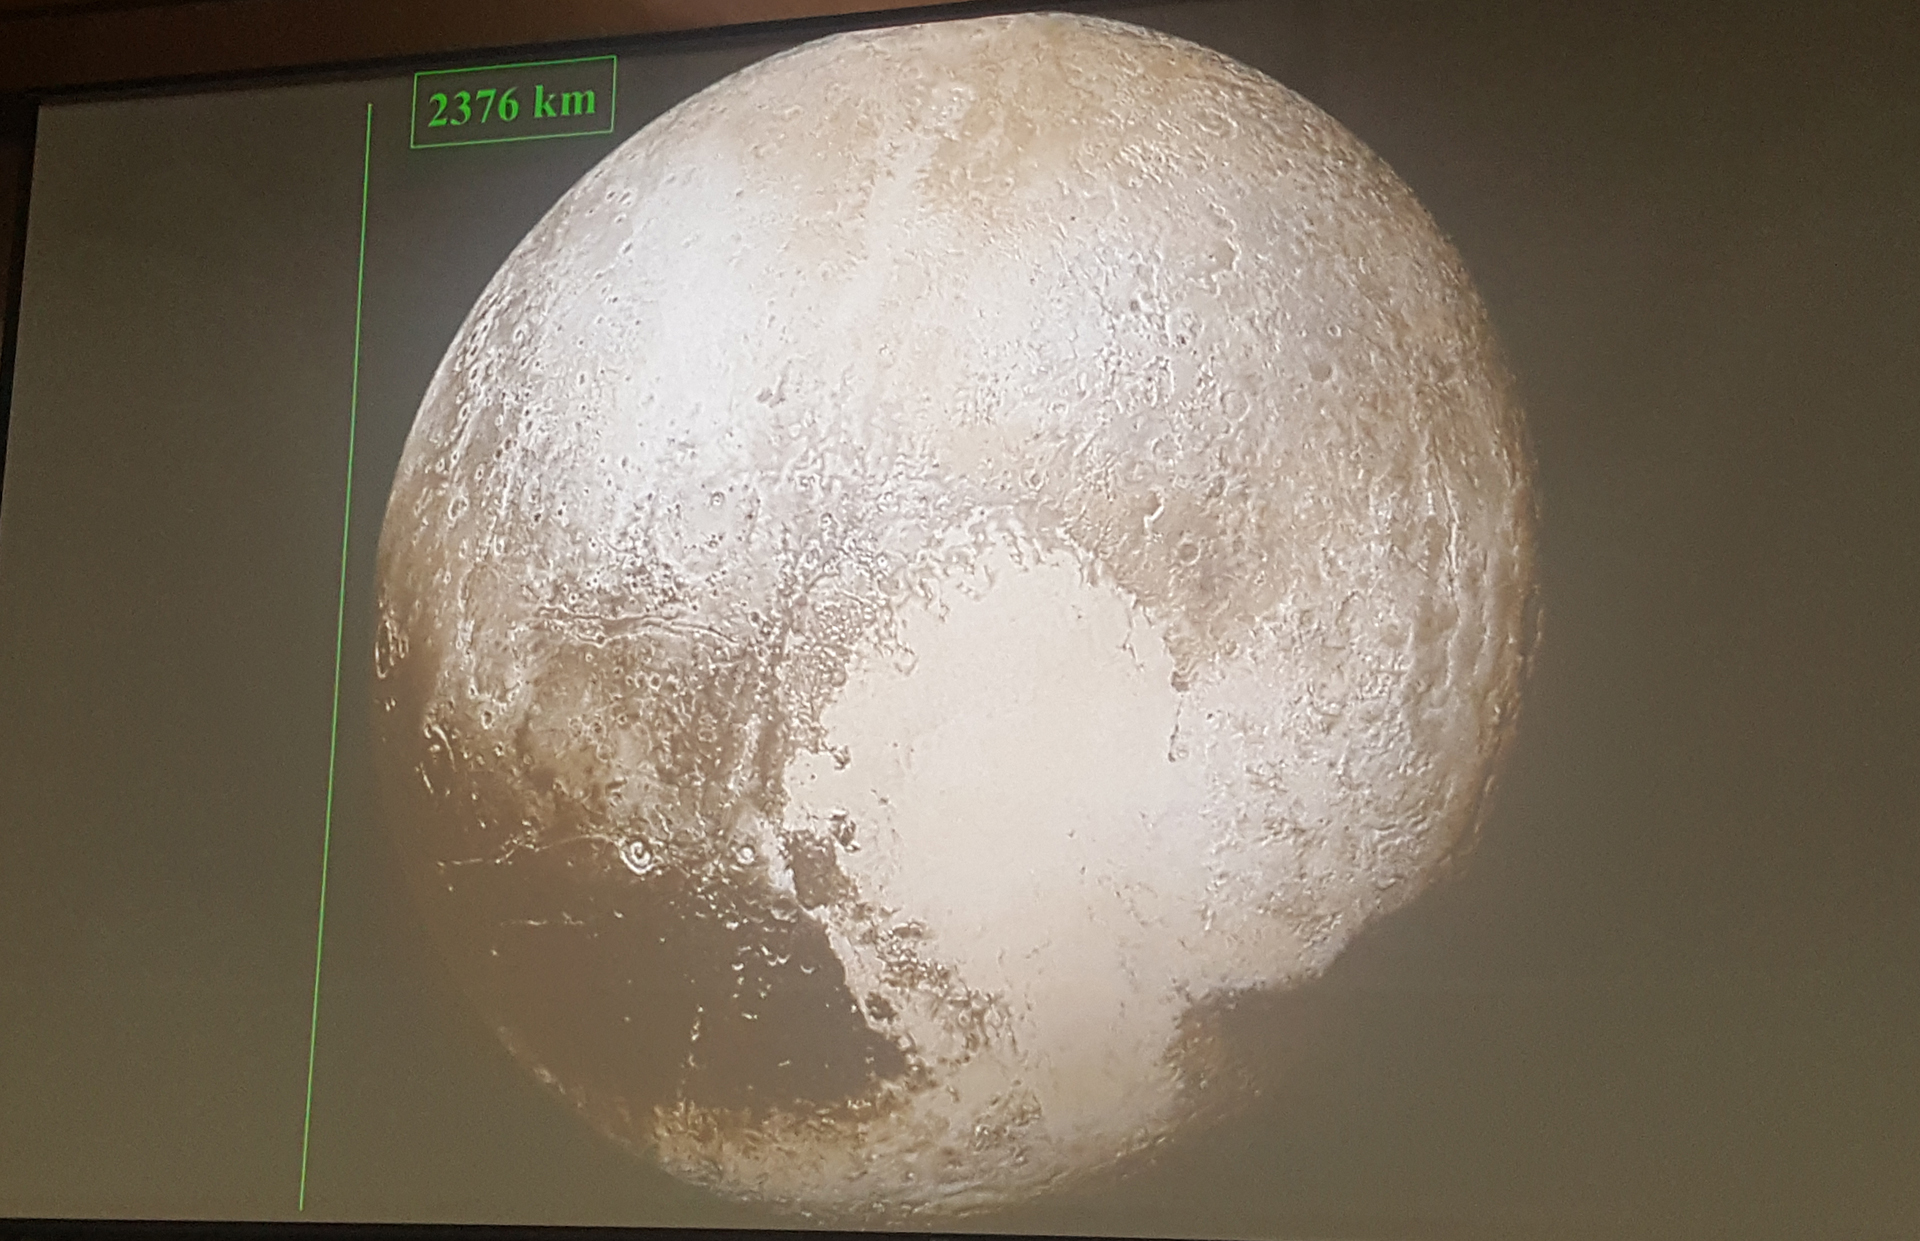 La nueva imagen lograda de Plutón